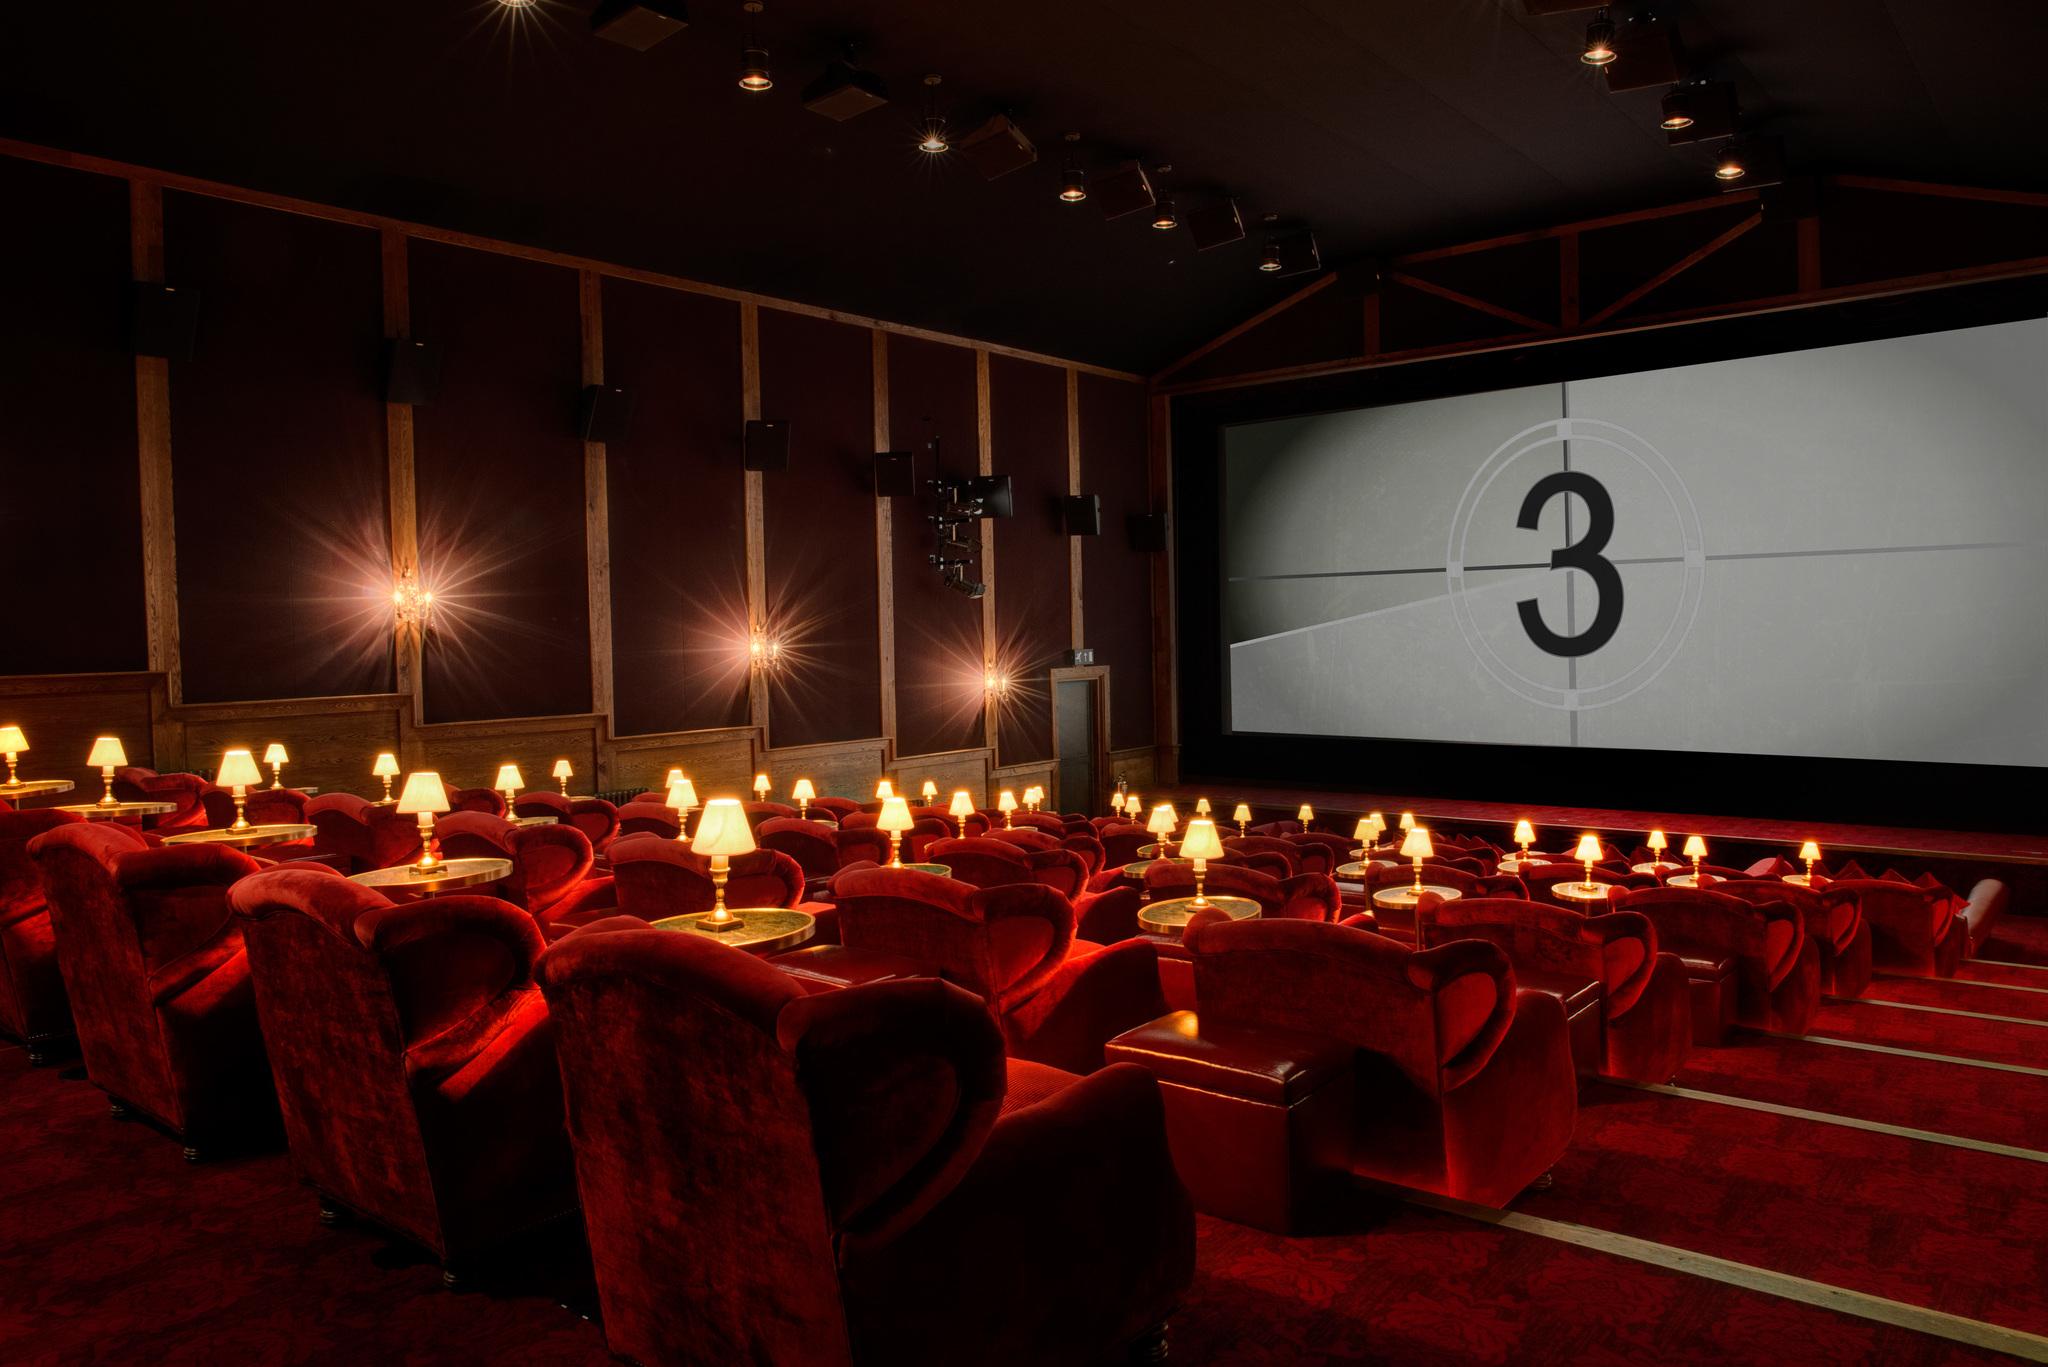 Cinema | IC desconhece pormenores sobre 'Hollywood' do Oriente